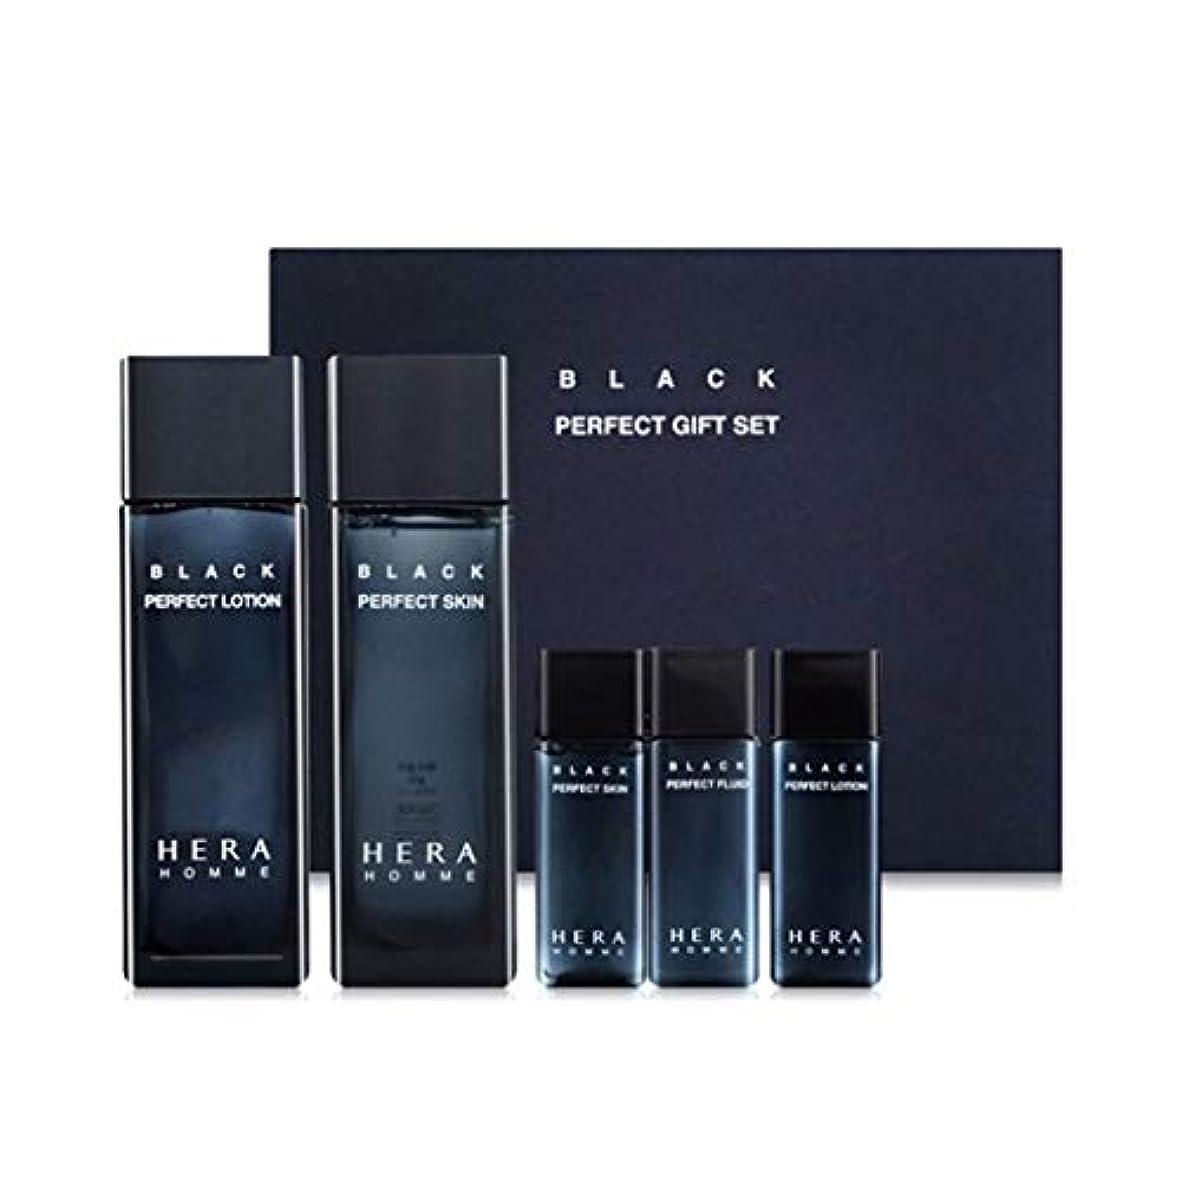 前進粗いウェイターヘラオムブラックパーフェクトスキンローションセットメンズコスメ韓国コスメ、Hera Homme Black Perfect Skin Lotion Set Men's Cosmetics Korean Cosmetics...